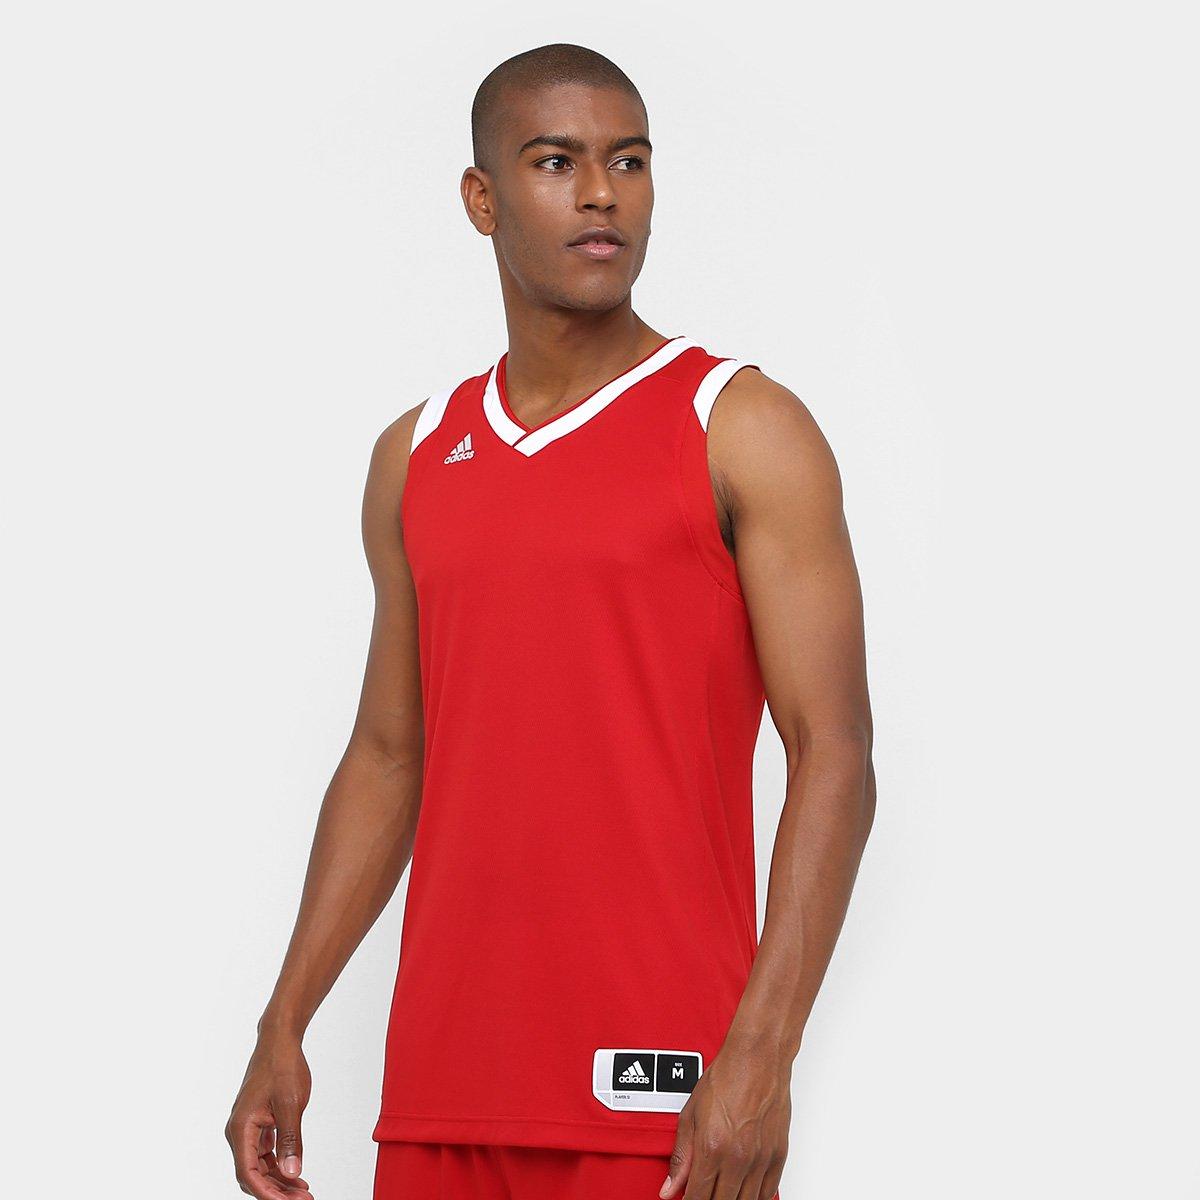 Camiseta Regata Adidas Teamstock Masculina - Vermelho - Compre Agora ... 460118425f2